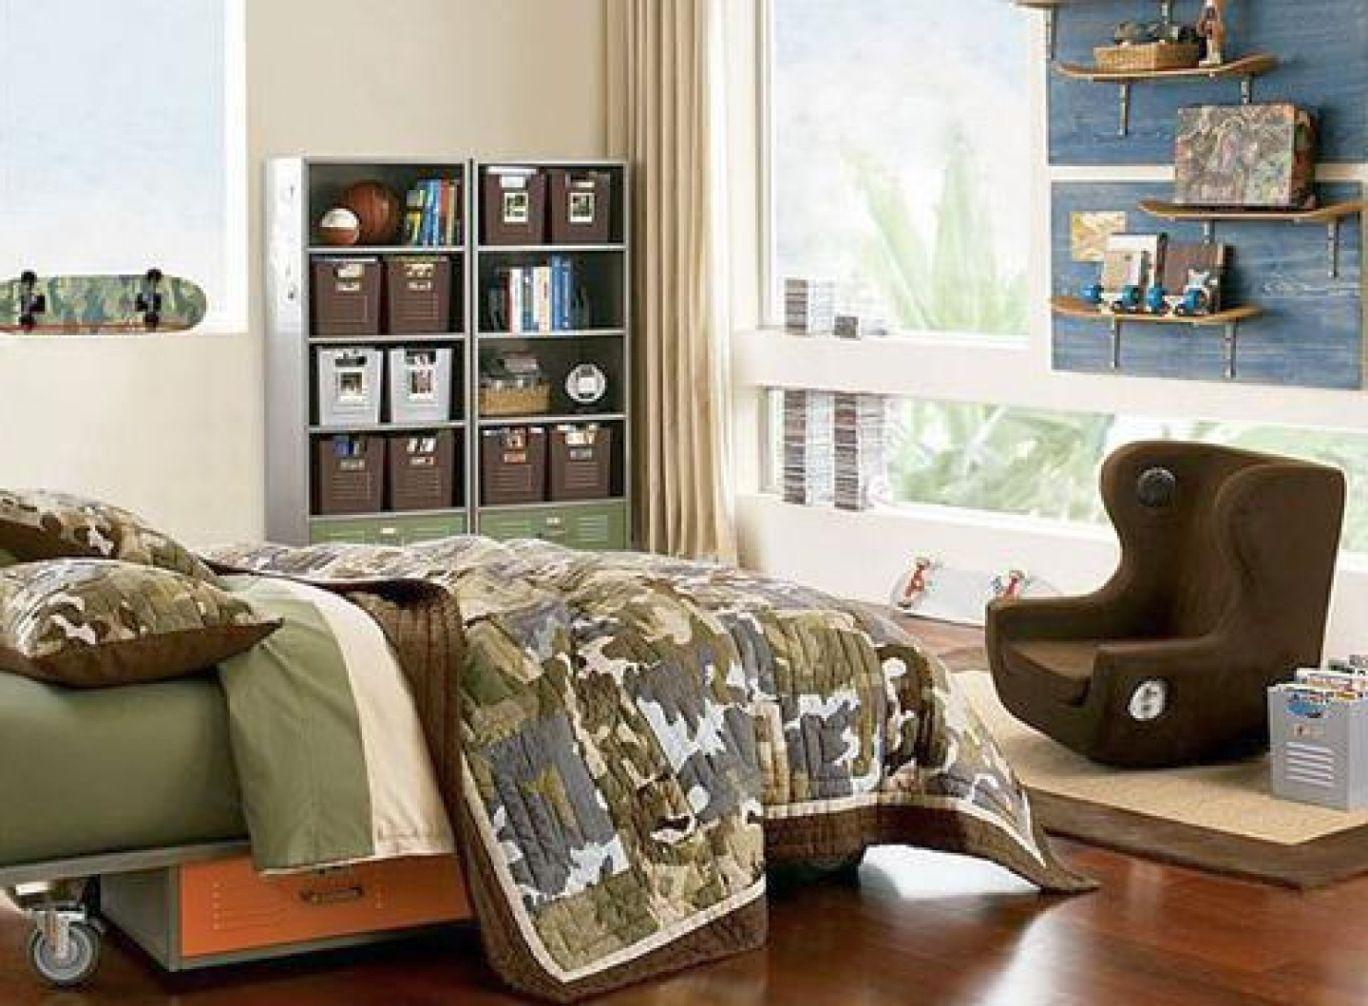 12 Superb Room Decor Ideas for Teenage Boys on Teenage Room Decor Things  id=34851